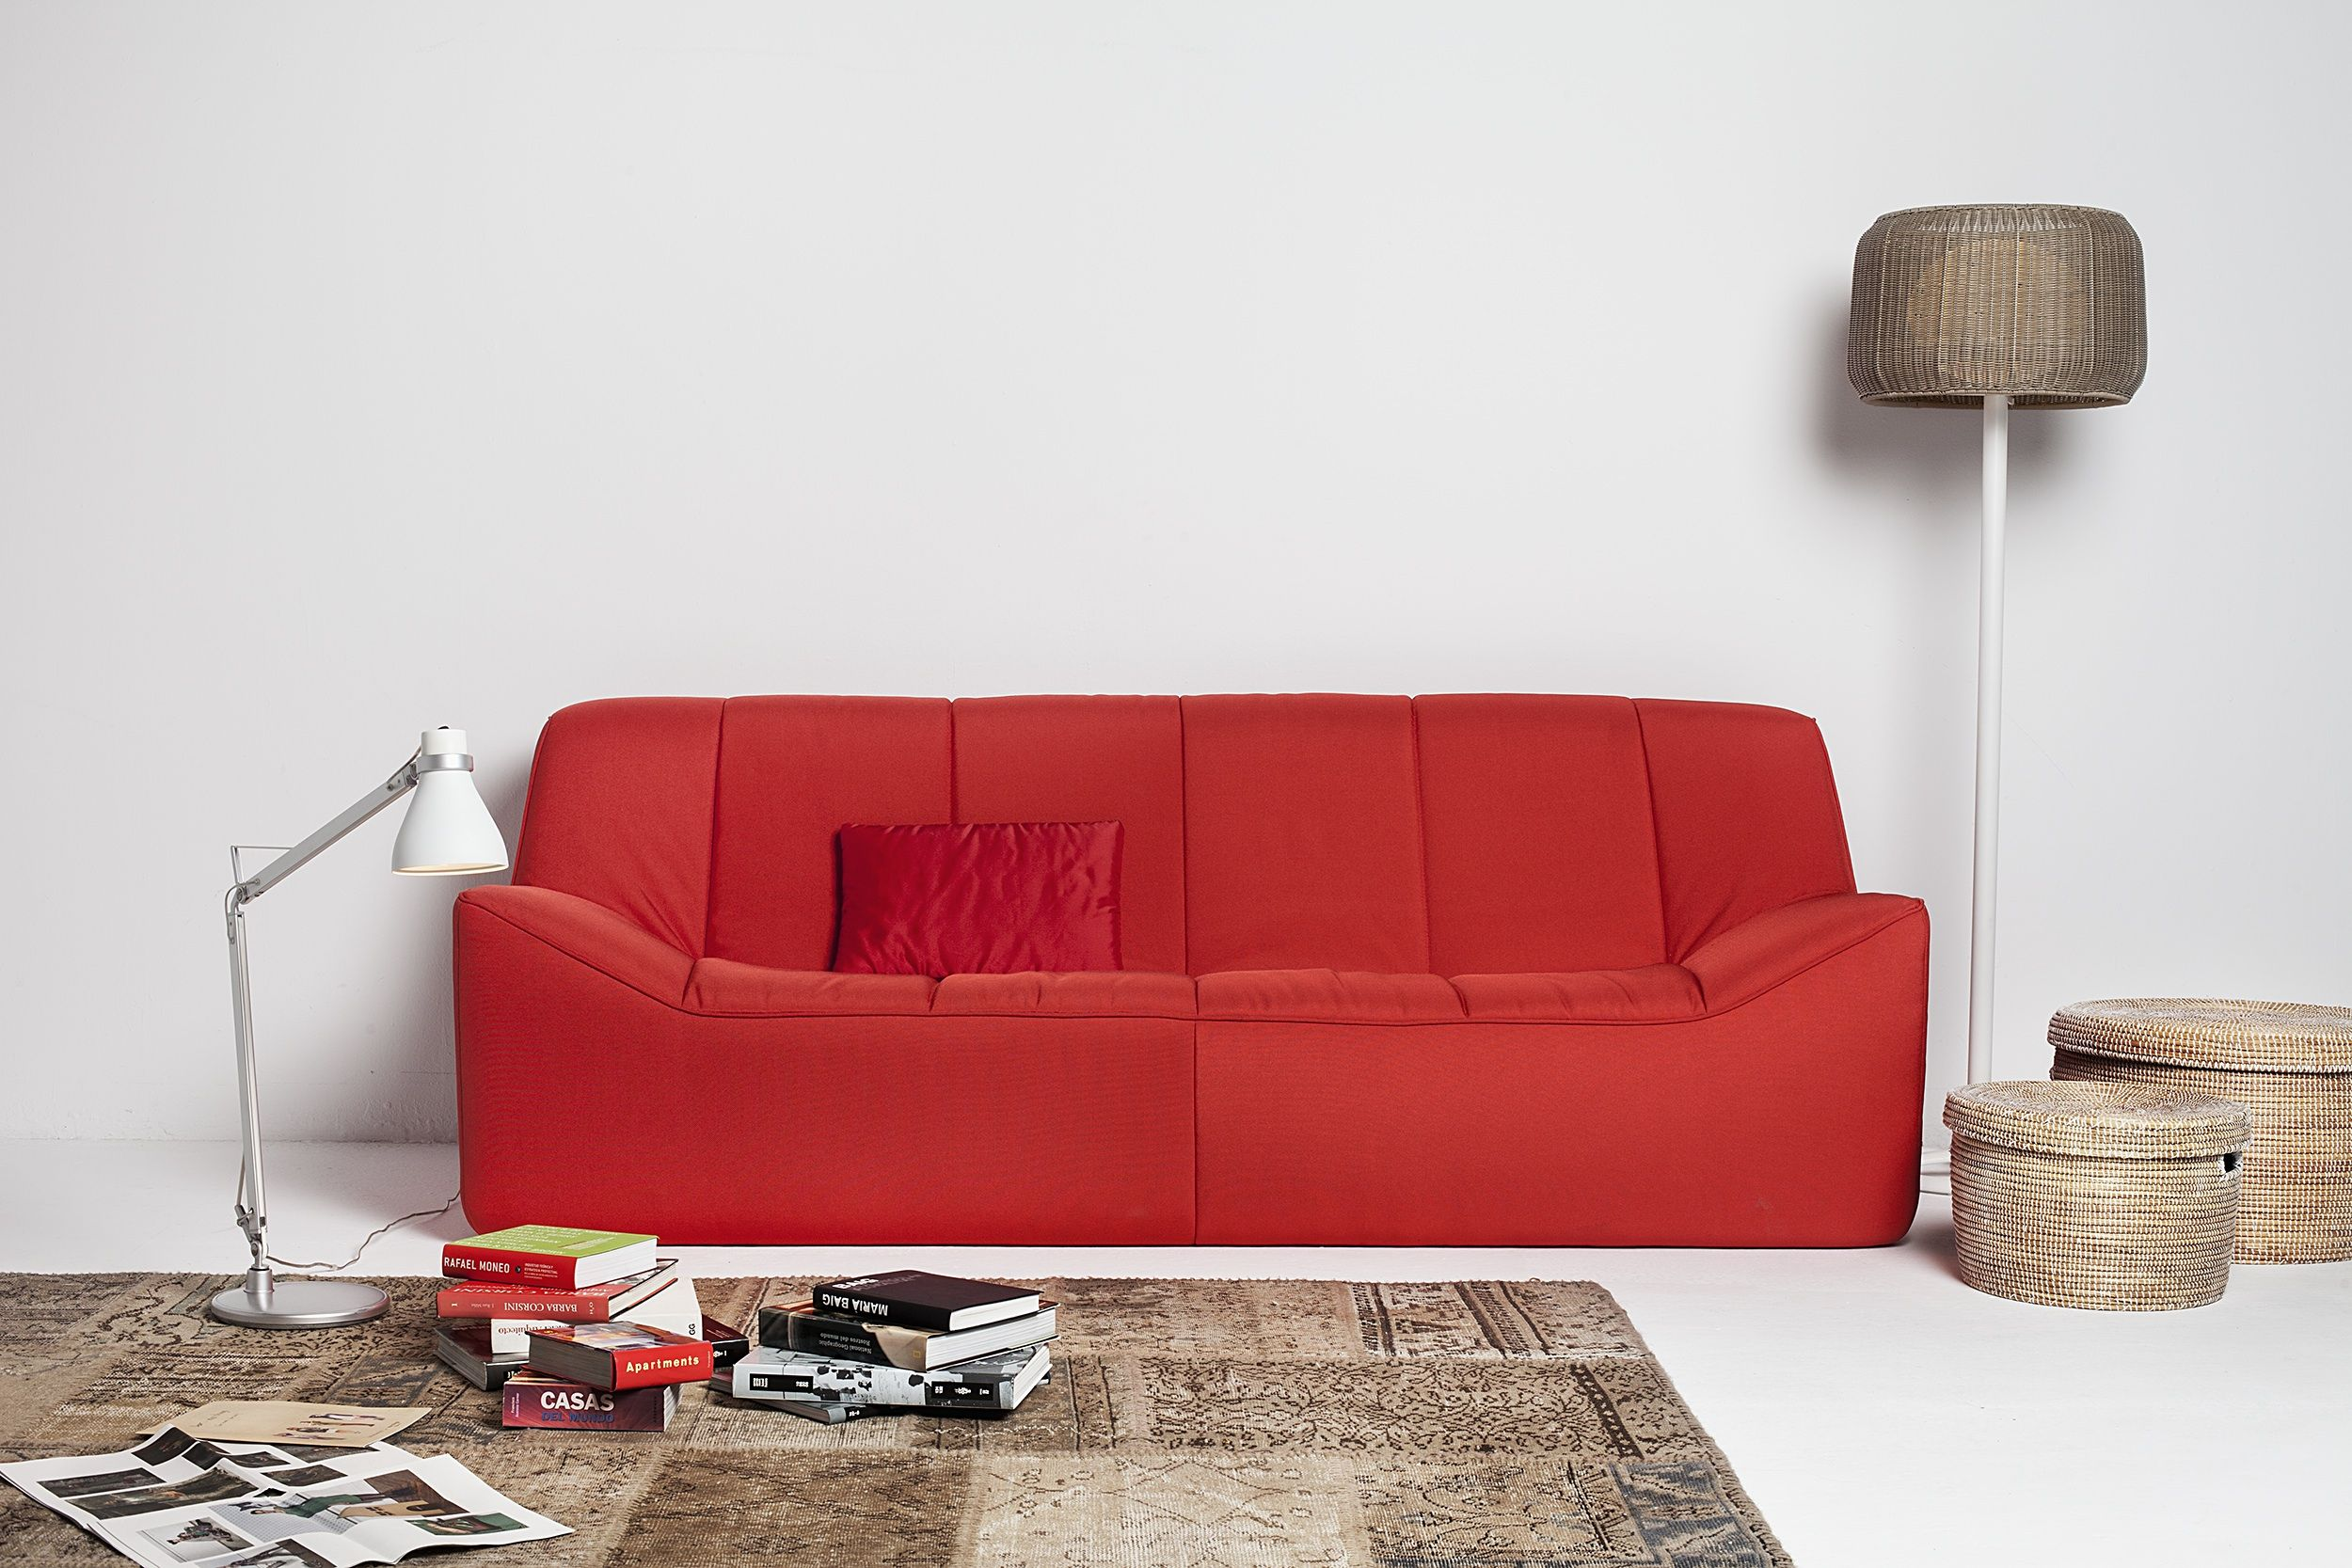 Dynamo red de Oruga   Sofa • Sofas • Sofàs   Pinterest   Sofa sofa